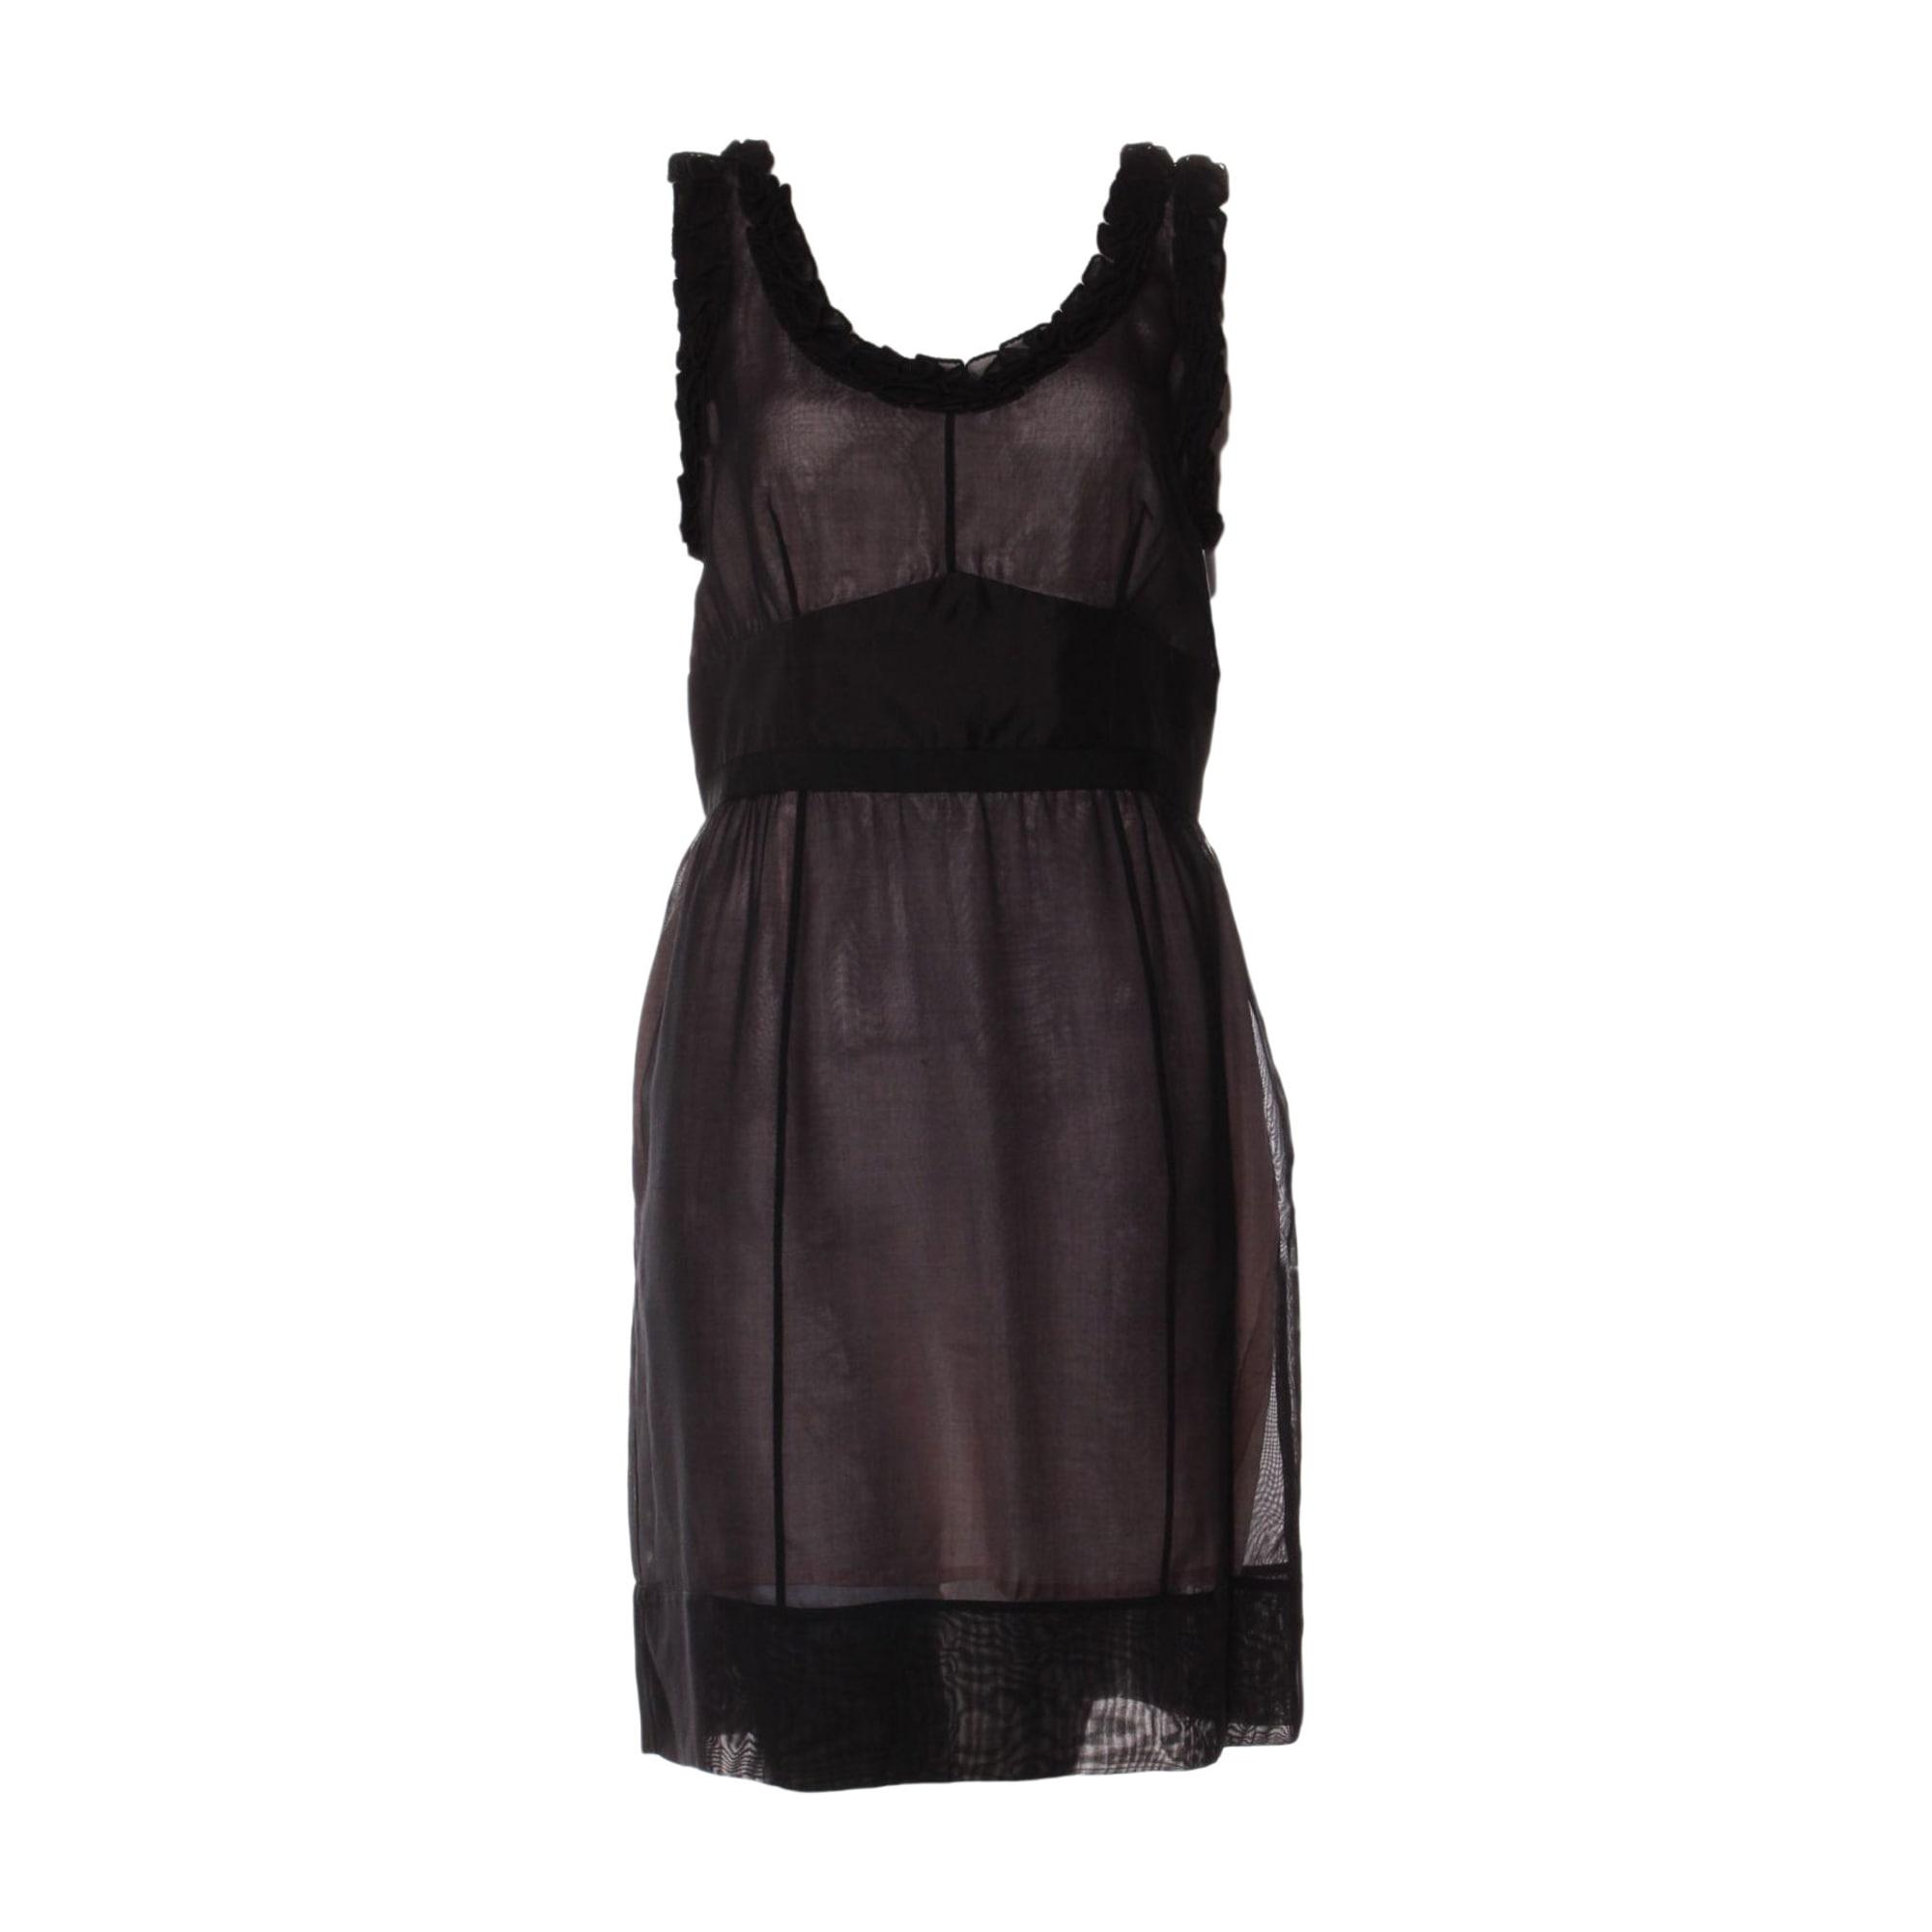 9368b0e056ca5 Midi Dress LOUIS VUITTON 40 (L